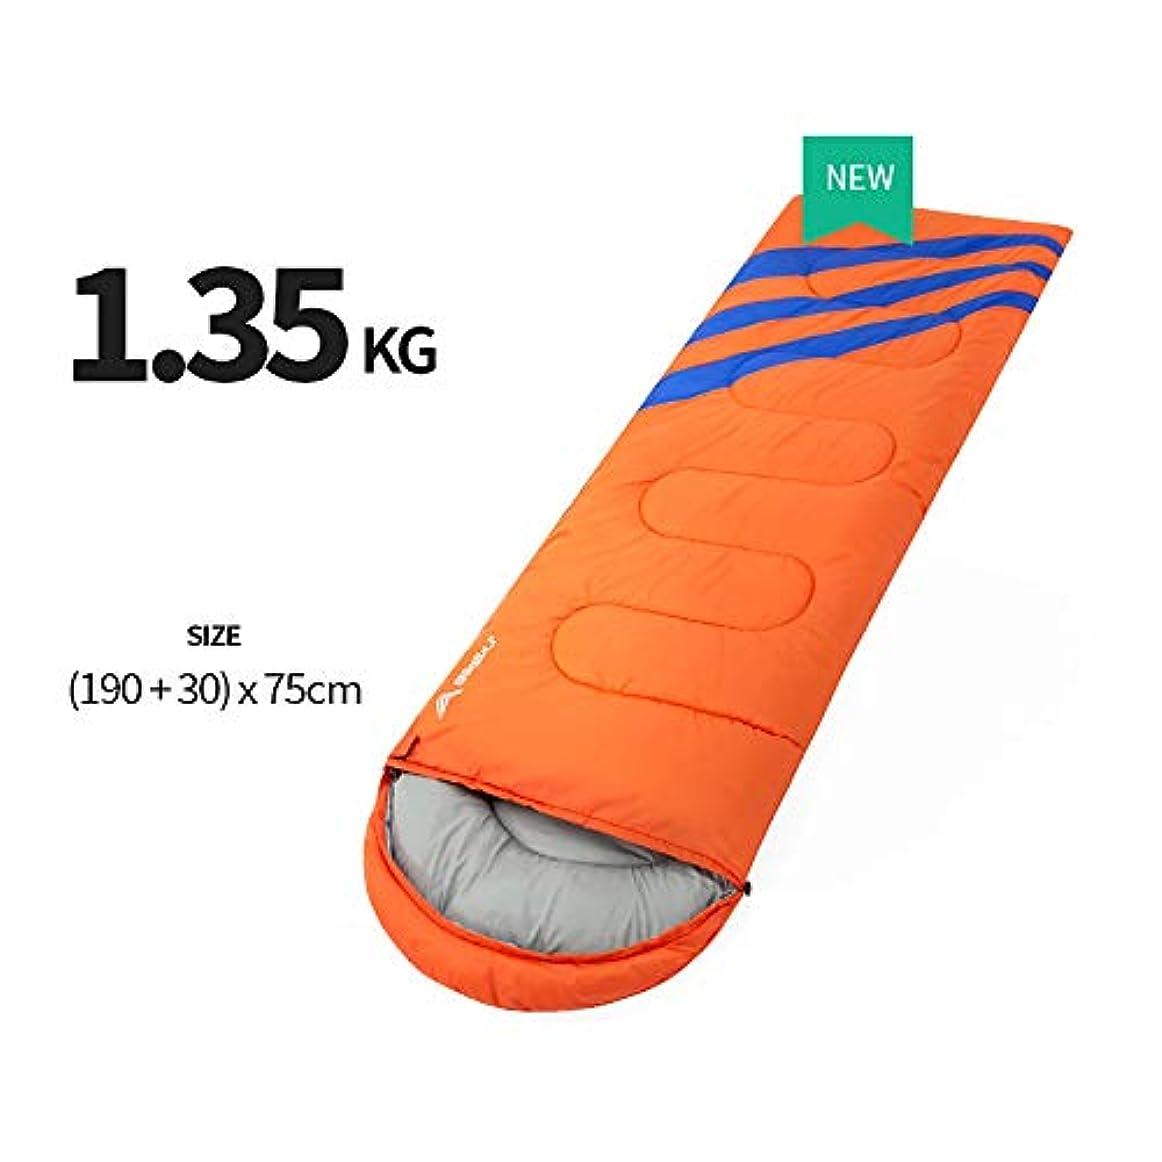 おもてなし無数の製作寝袋封筒タイプ寝袋キャンプ寝袋寝袋大人封筒キャンプ寝袋軽量ポータブル屋外機器登山キャンプ防災夜通し